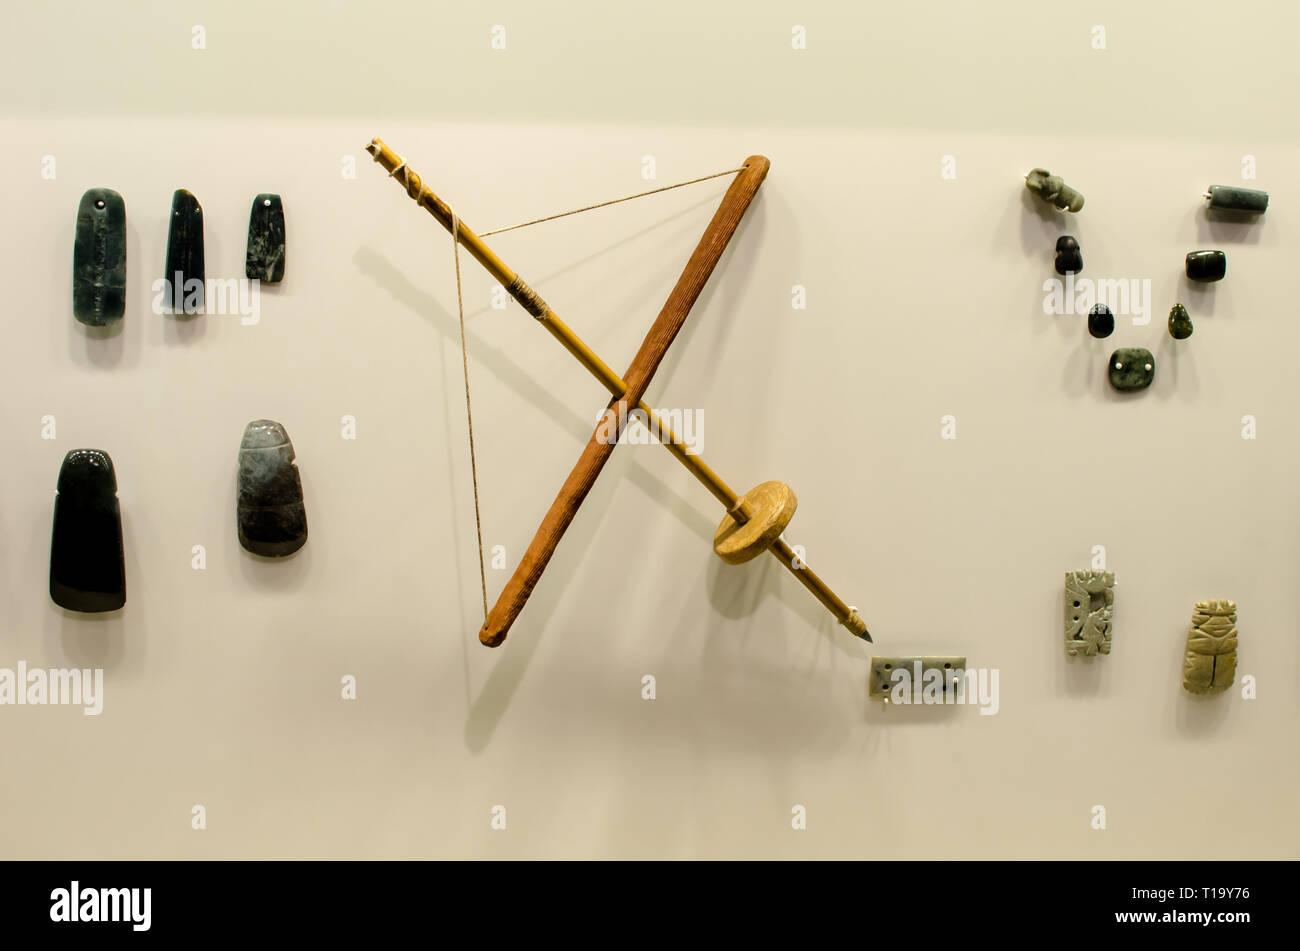 Gli oggetti al Museo del Jade y la Cultura Precolombina in Costa Rica Immagini Stock